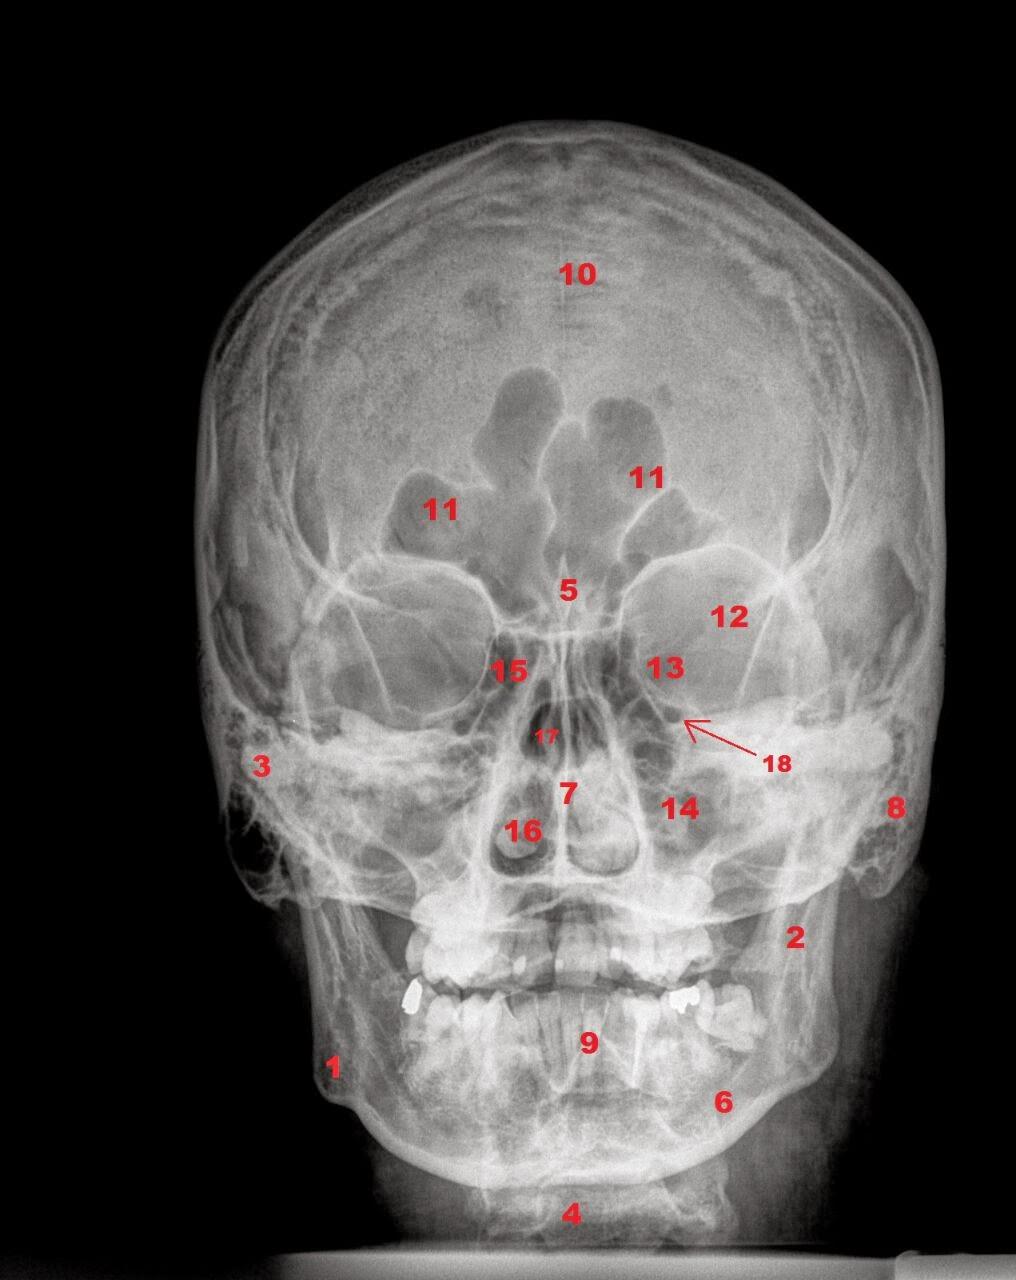 E-Anatomía Odontológica: Fwd: Radiografía frontal del cráneo. Grupo 6.